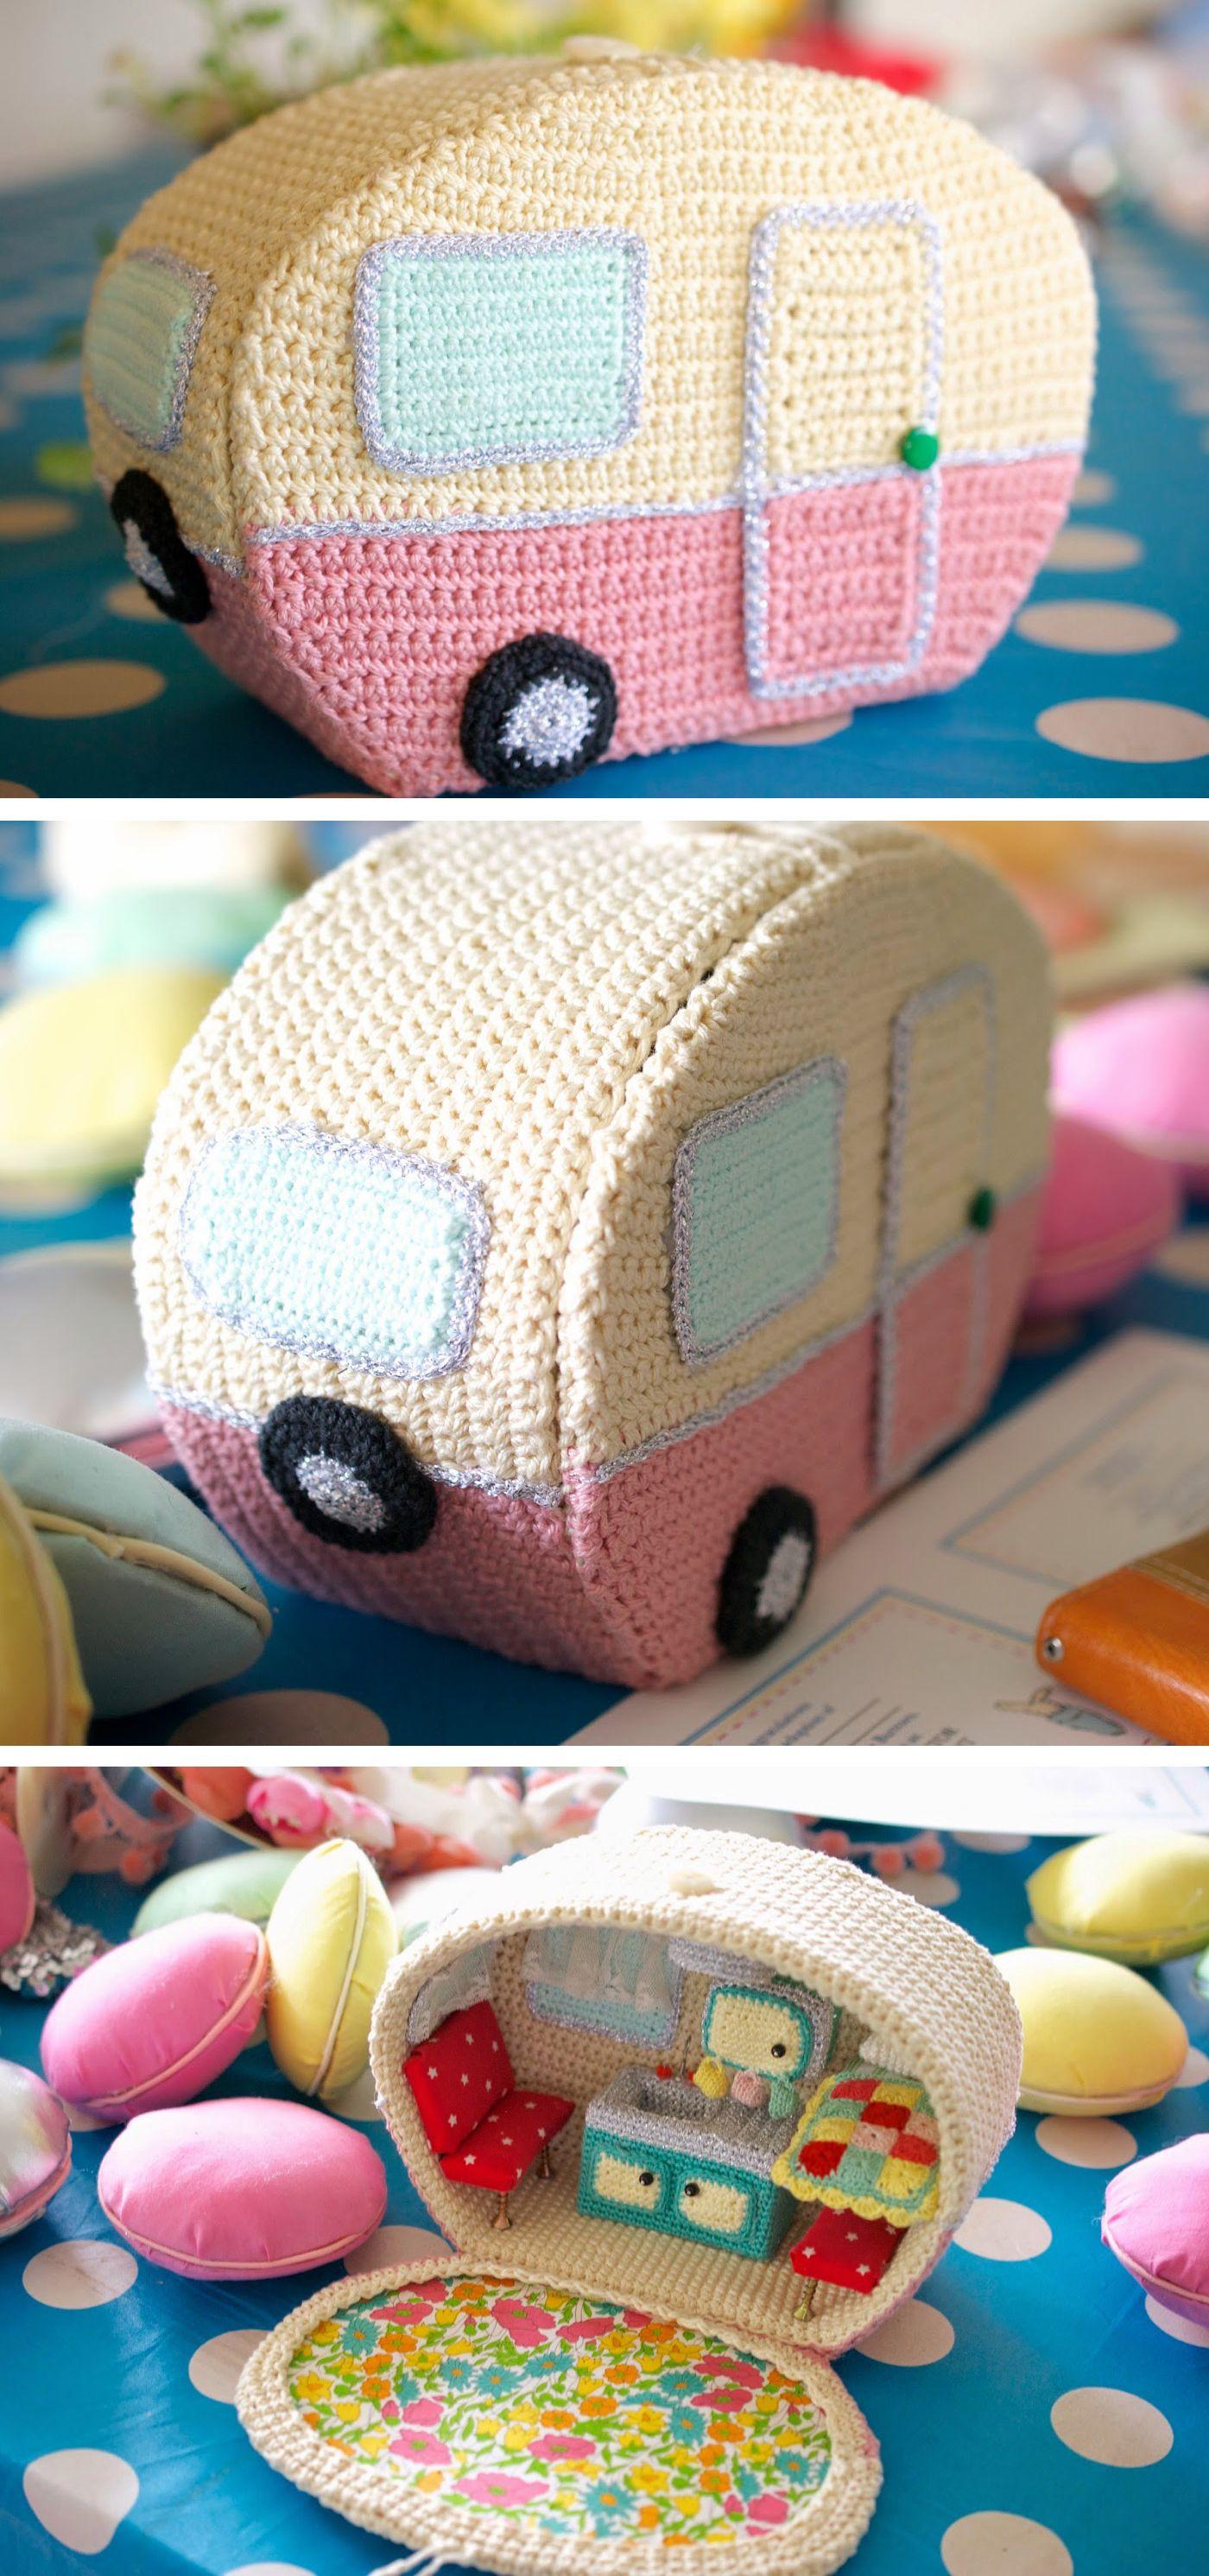 Crochet Caravan - how cute! Inspiration only.